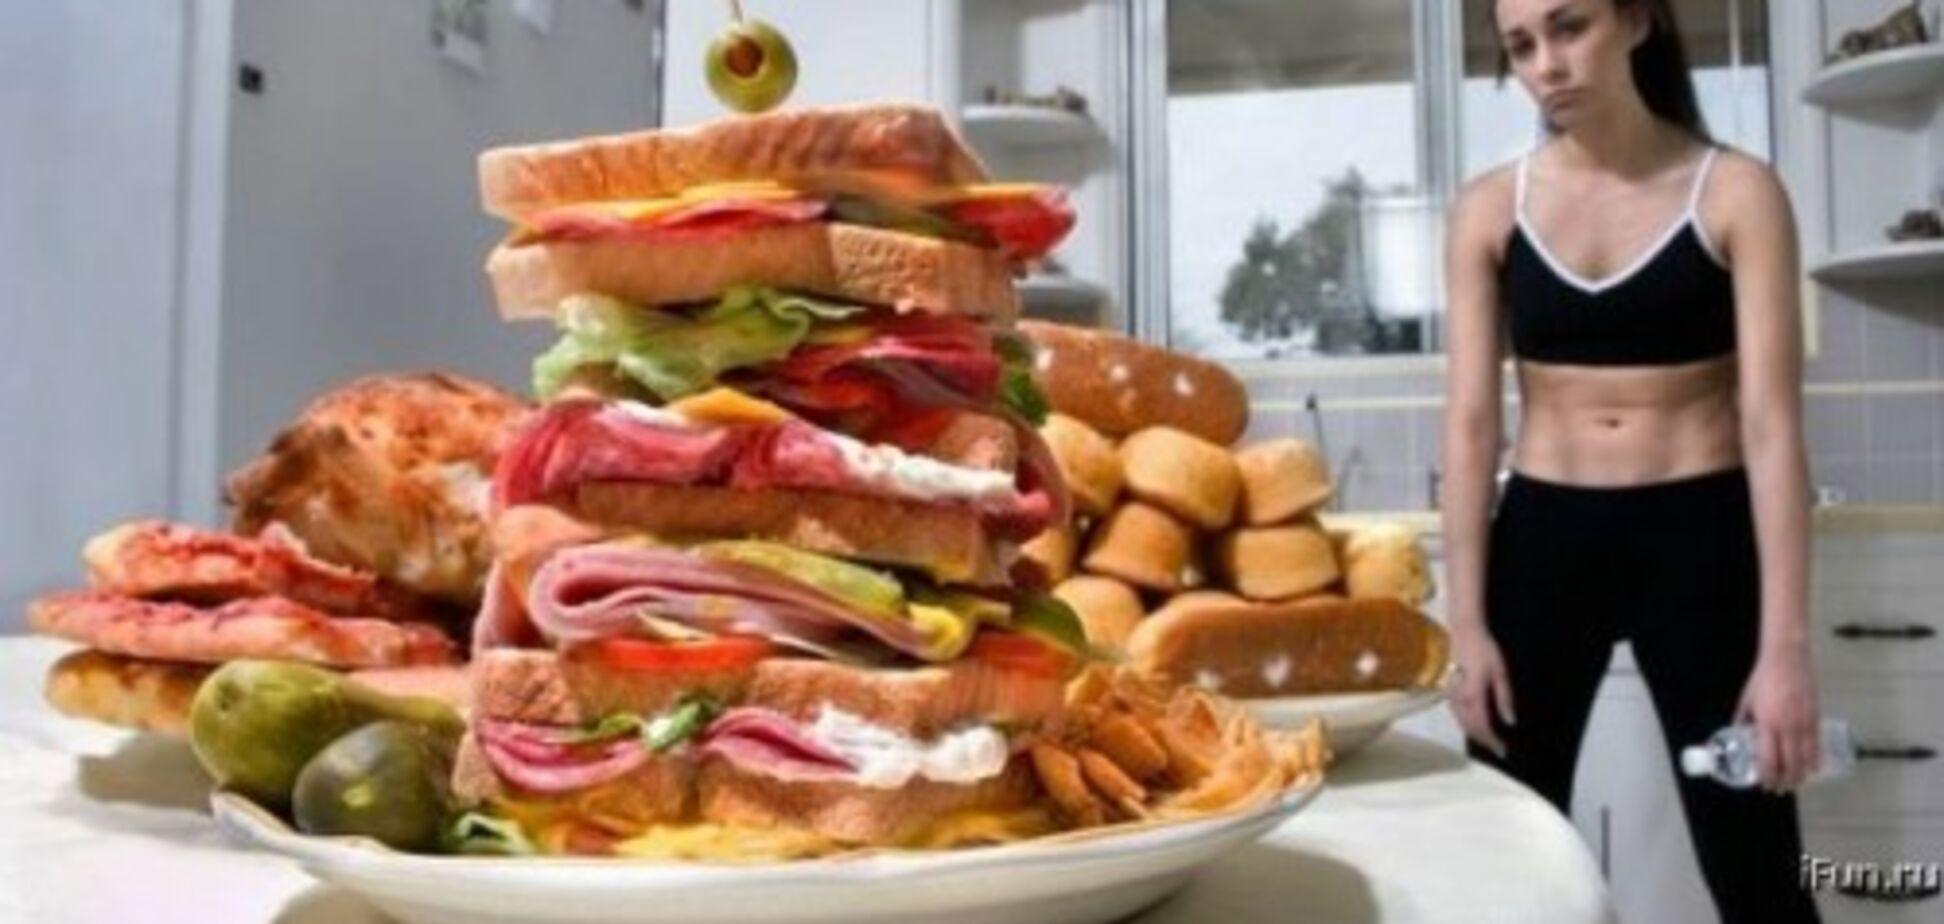 Калории без лишнего веса: диетолог дала совет по зимнему питанию